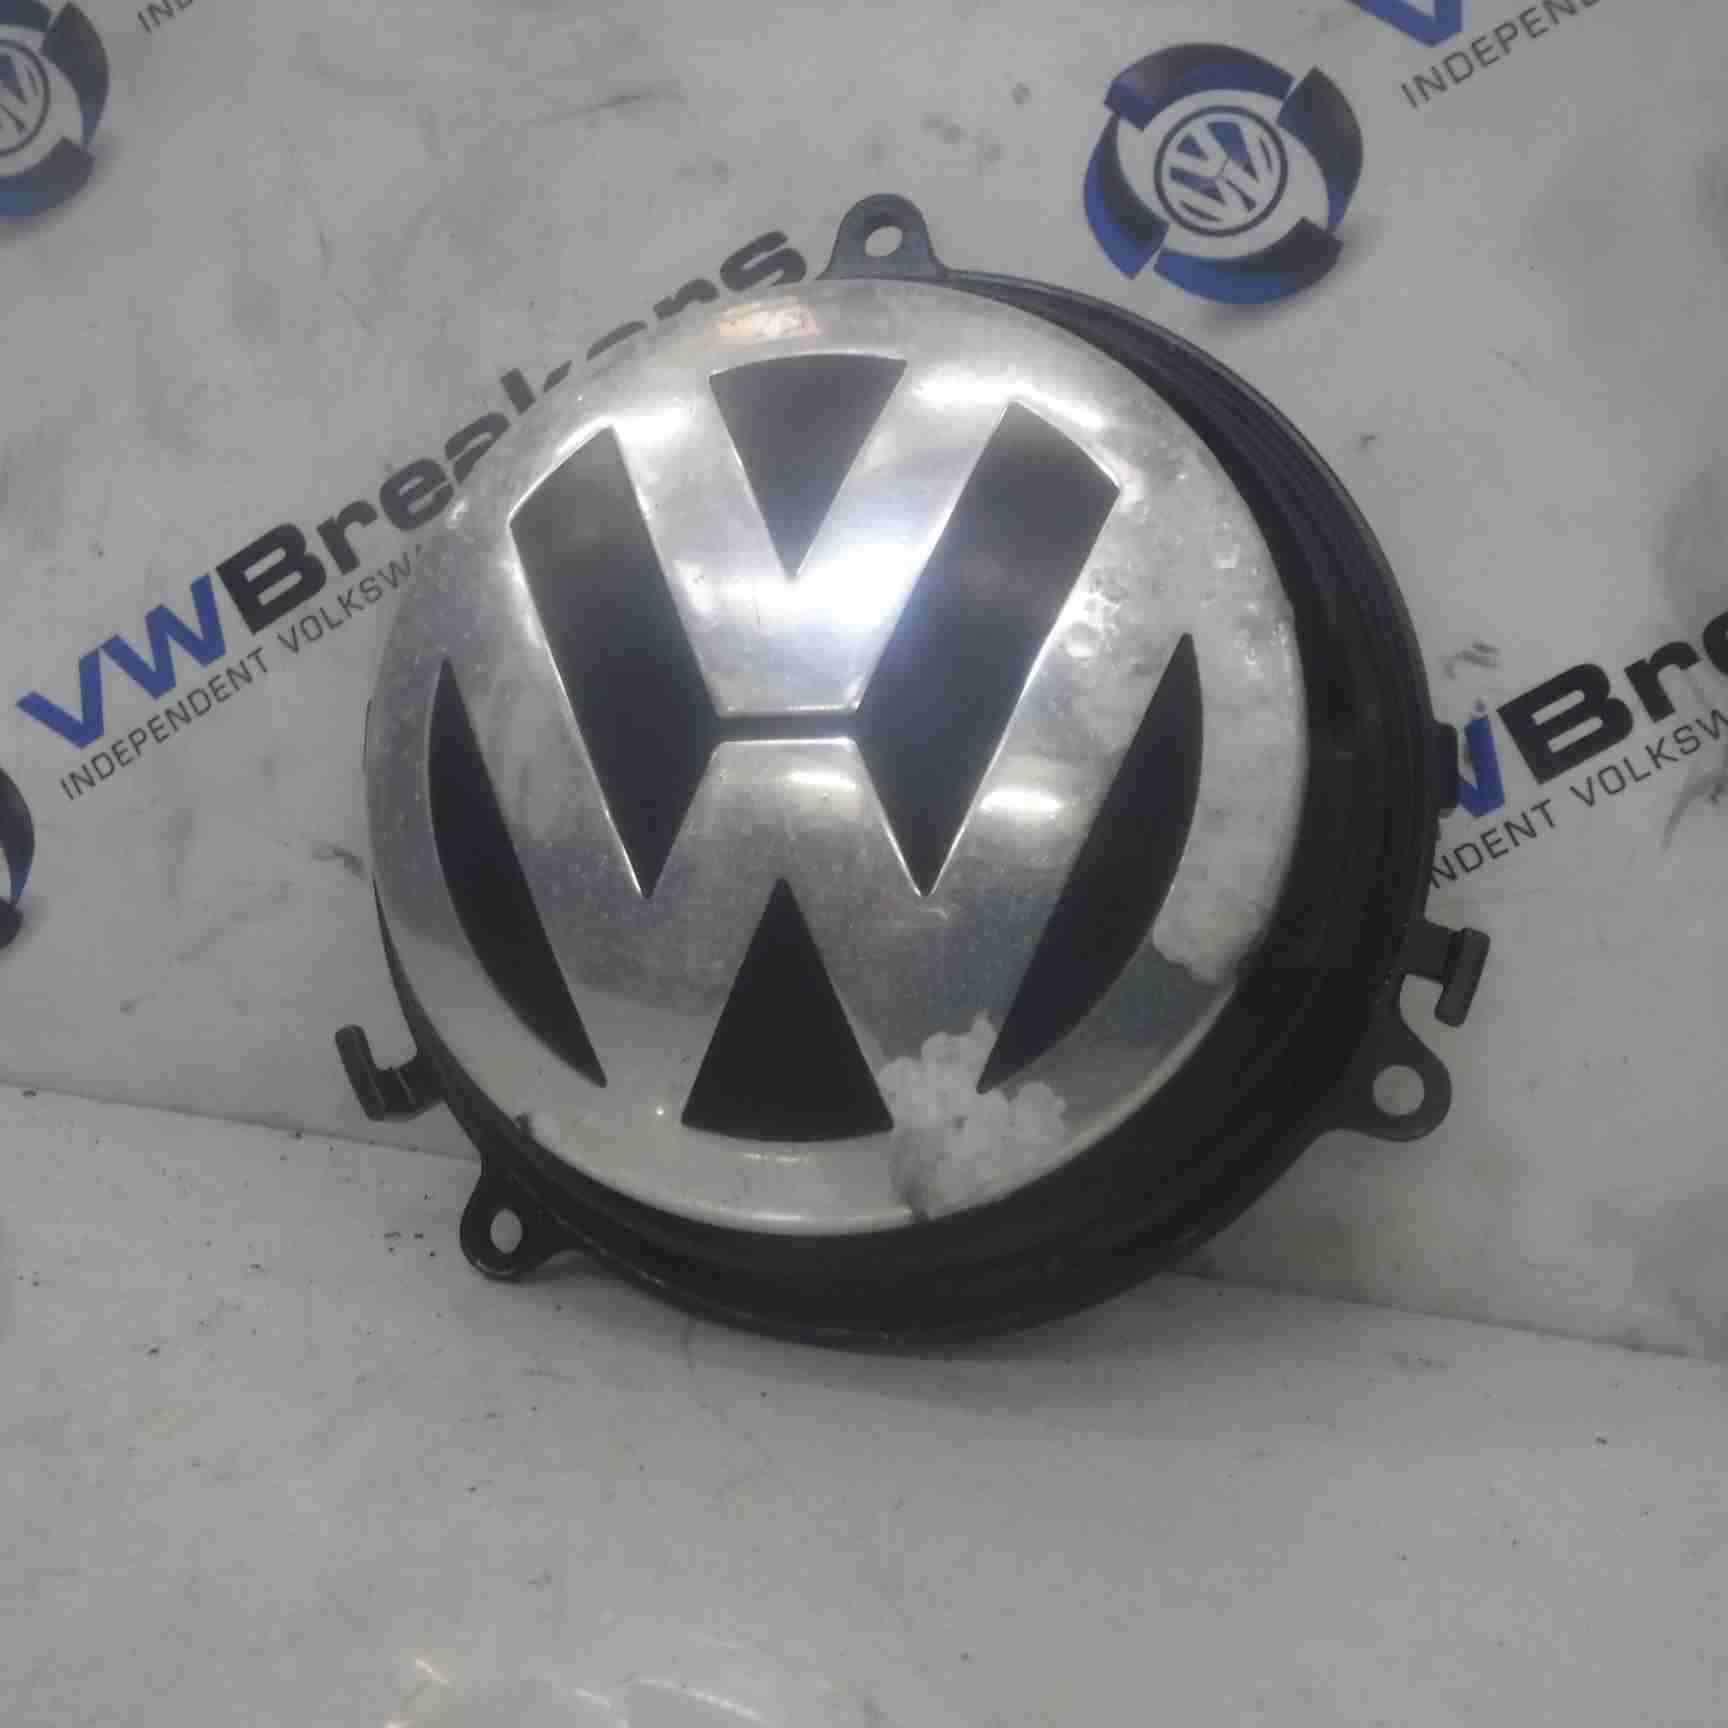 Volkswagen Golf MK5 2003-2009 Rear Boot Badge Handle 1k0827469F